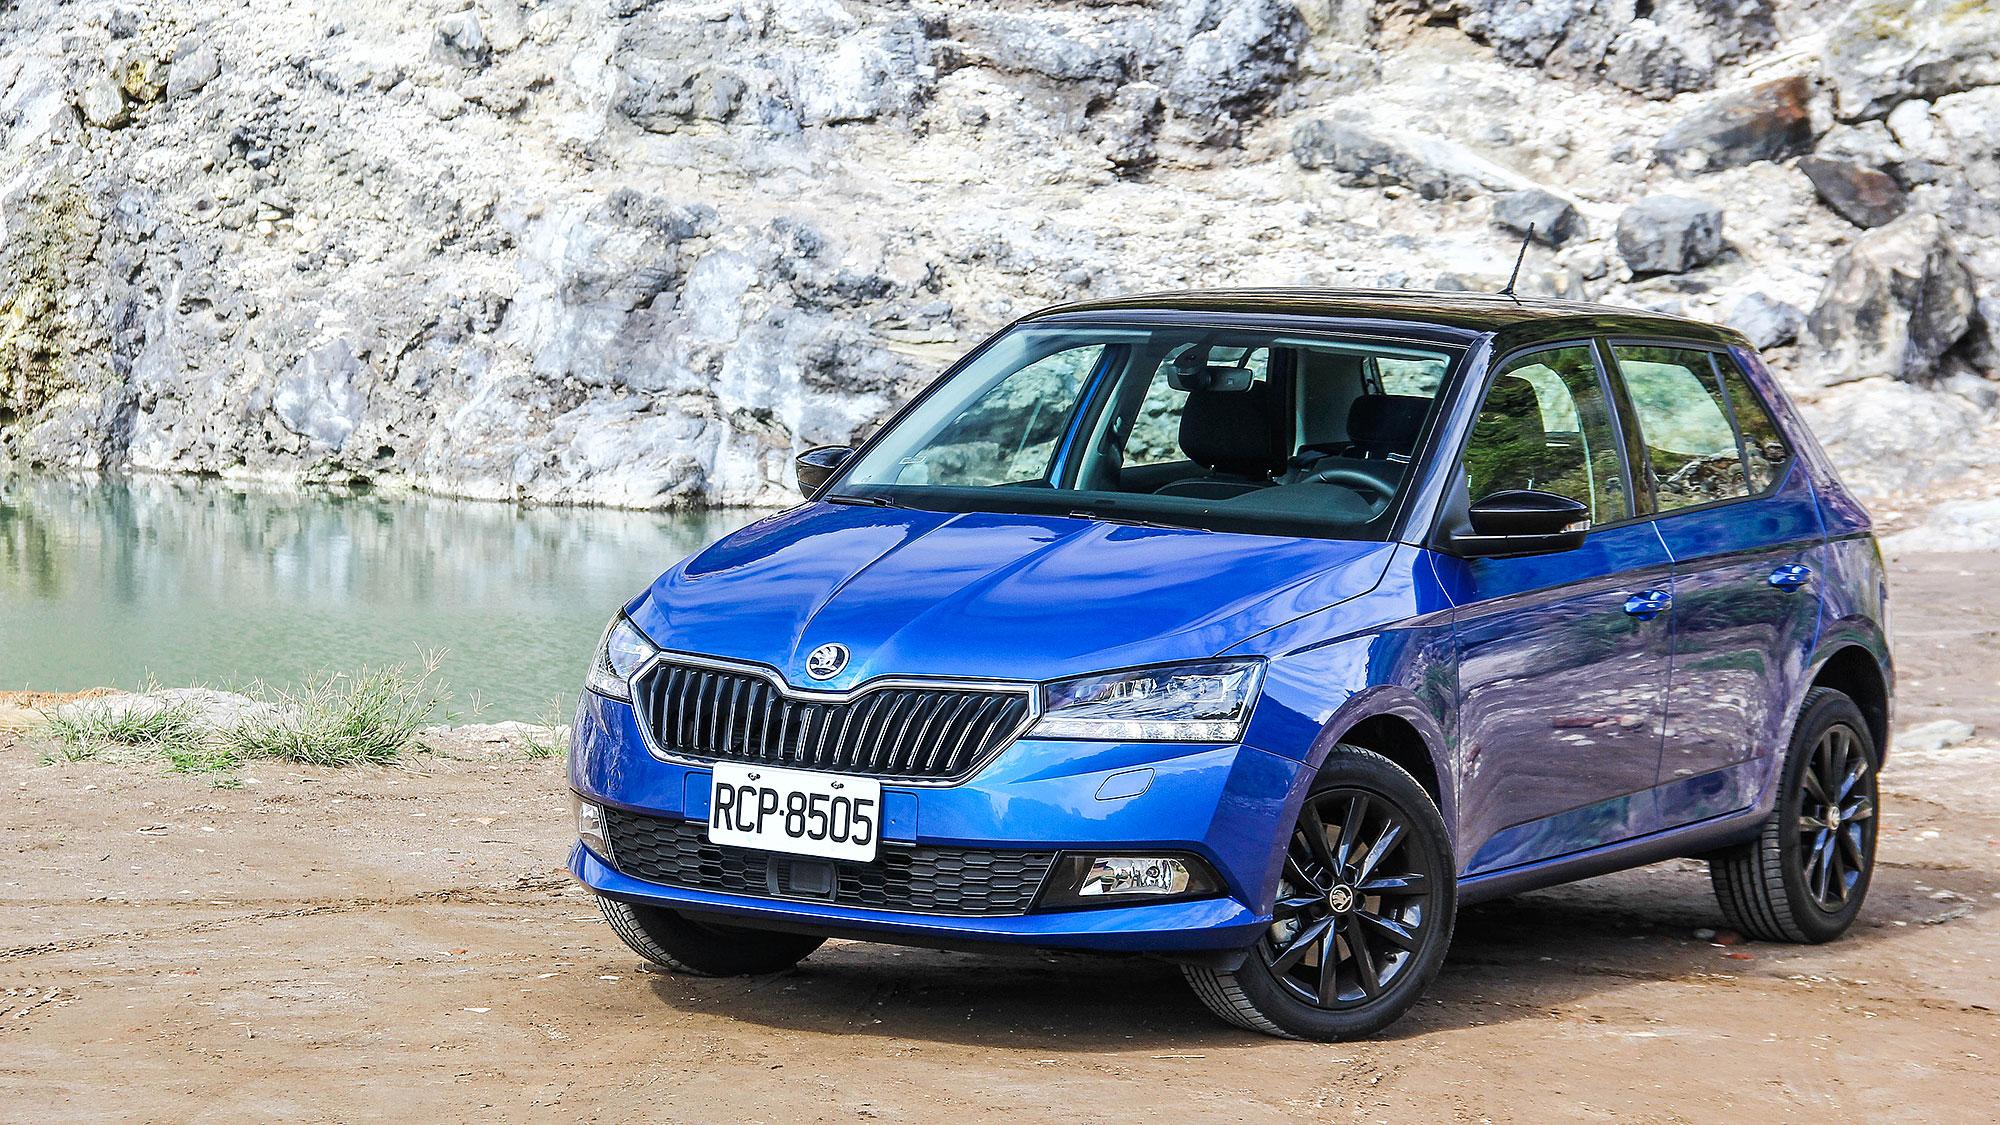 Škoda Fabia 的吸睛良藥,魅力版加雙色套件就對味